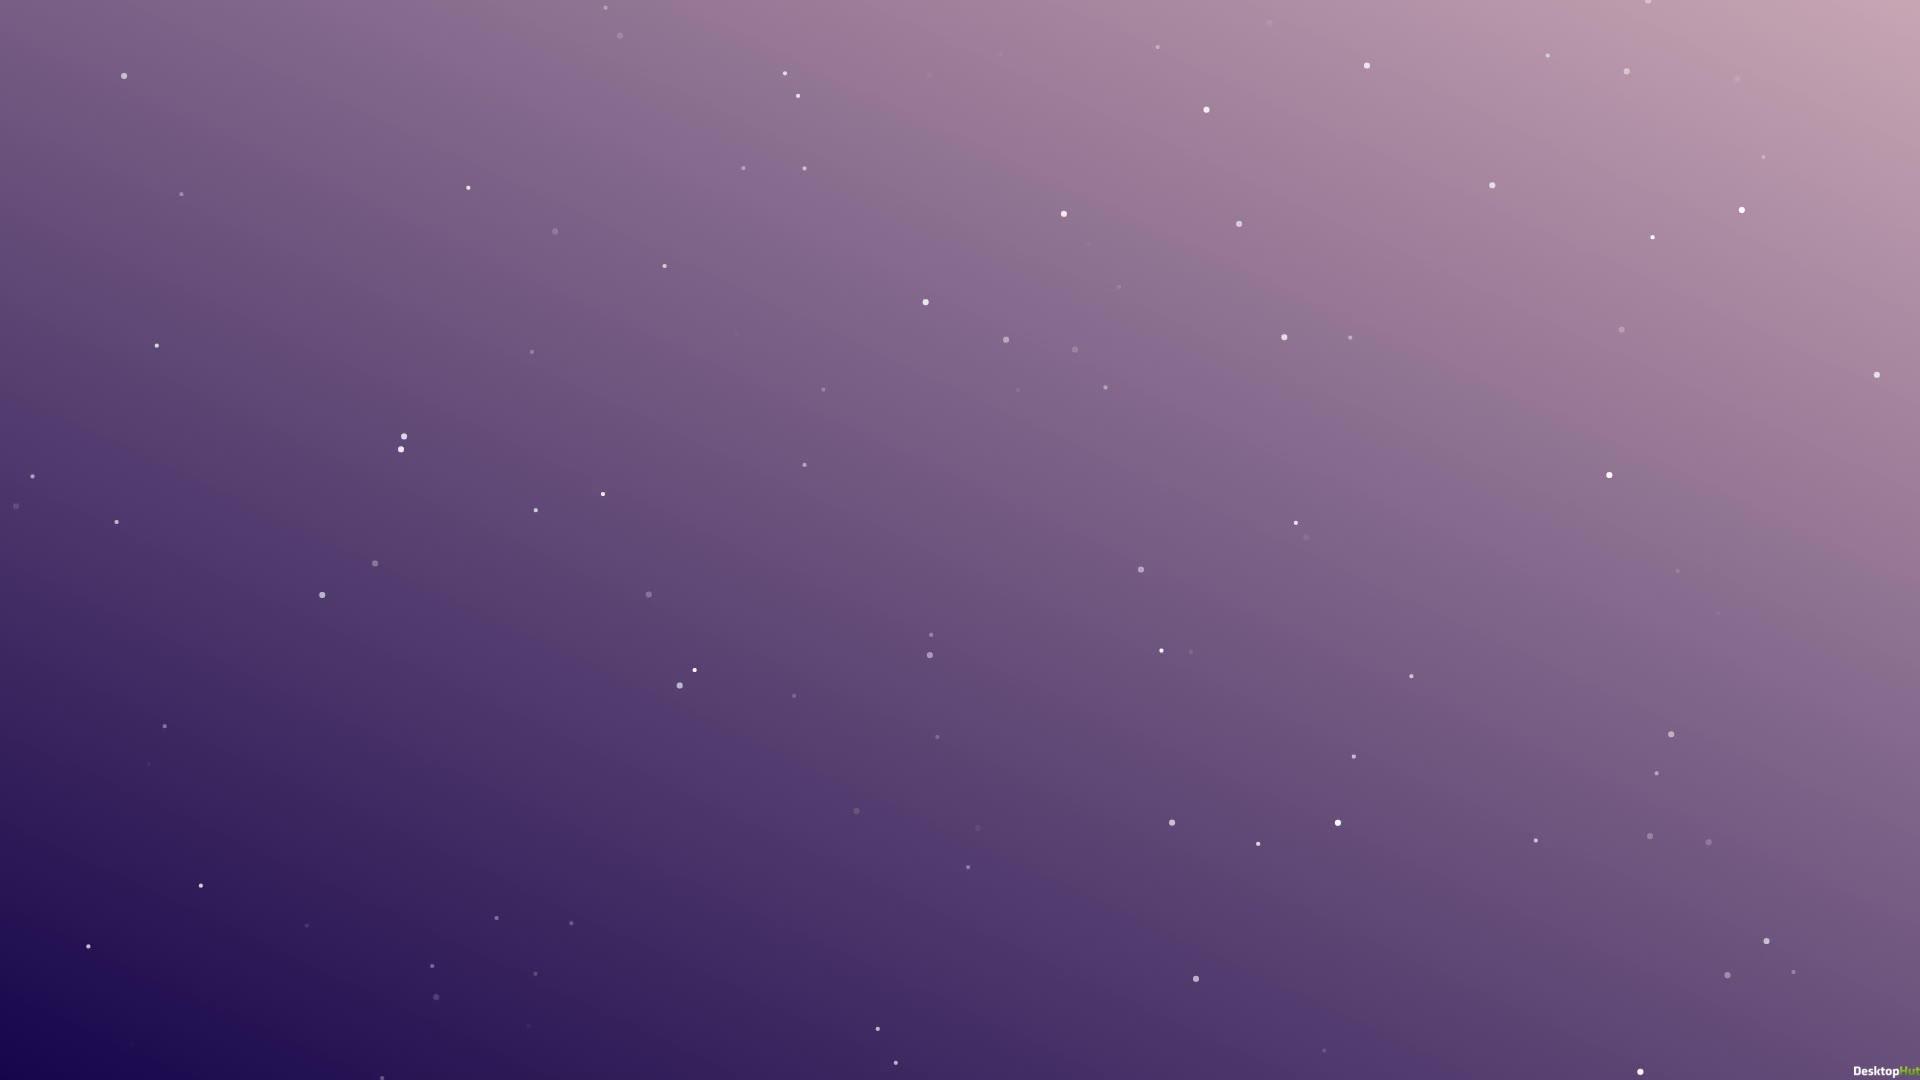 Точки как звёзды - живые обои